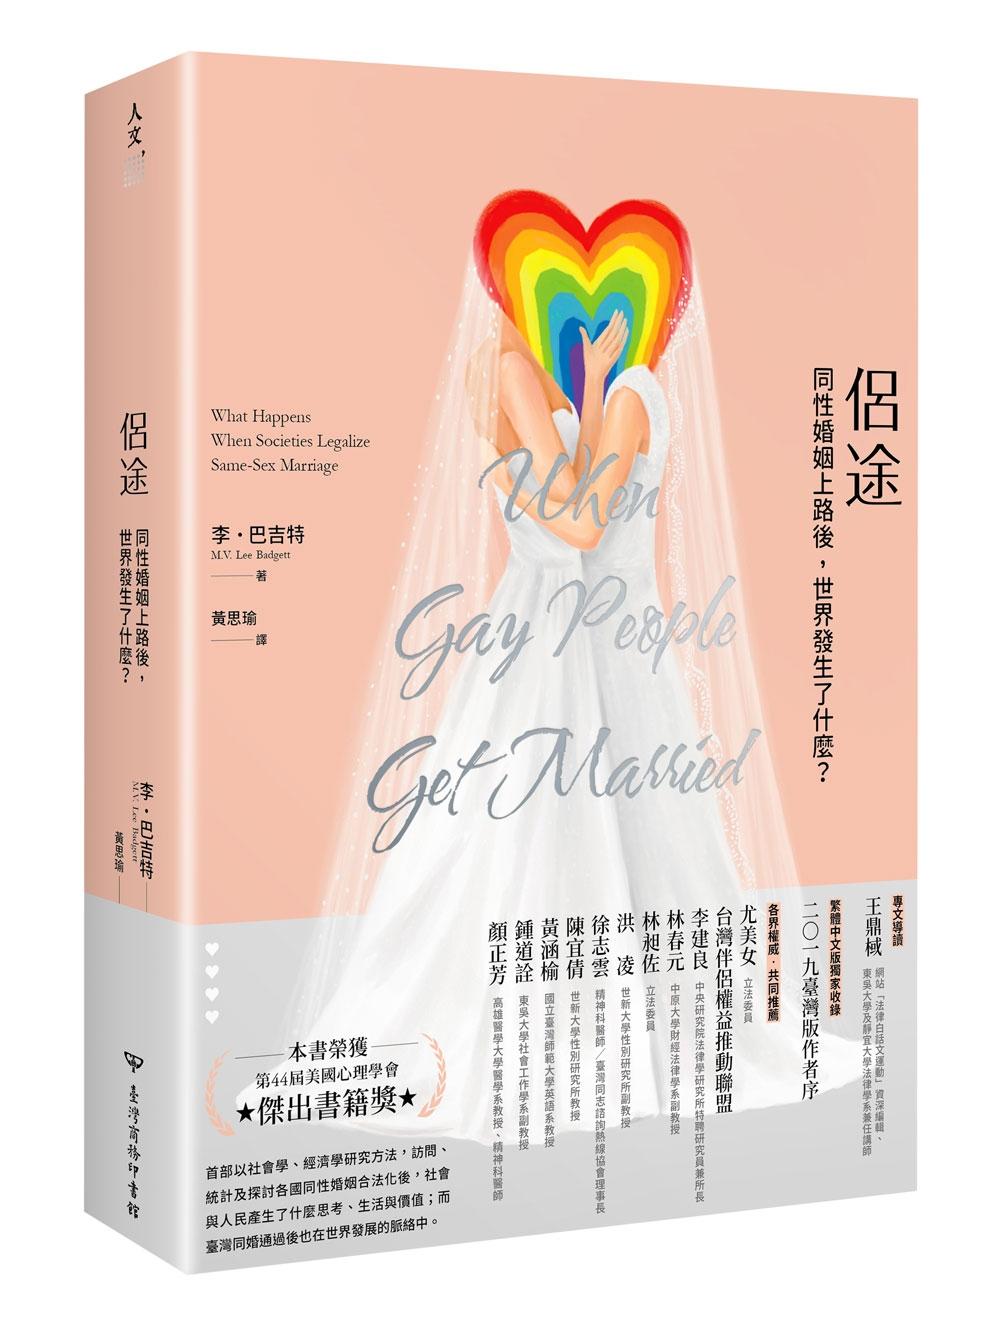 侶途:同性婚姻上路後,這世界發生了什麼?